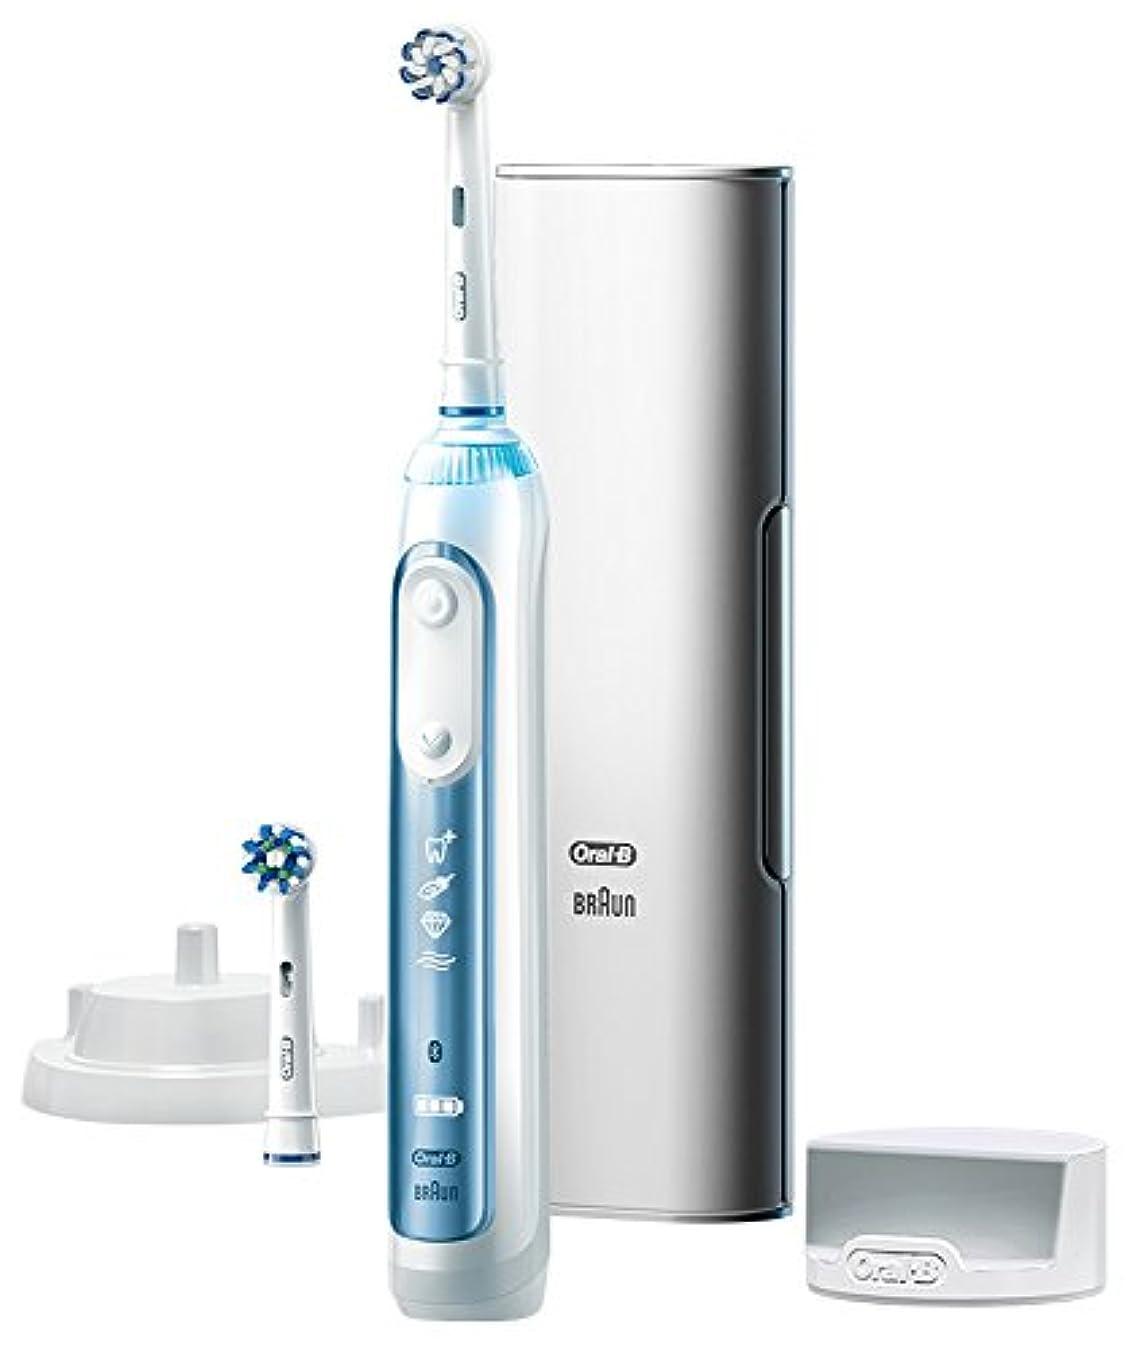 マグ追放スケッチブラウン オーラルB 電動歯ブラシ スマート7000 D7005245XP D7005245XP